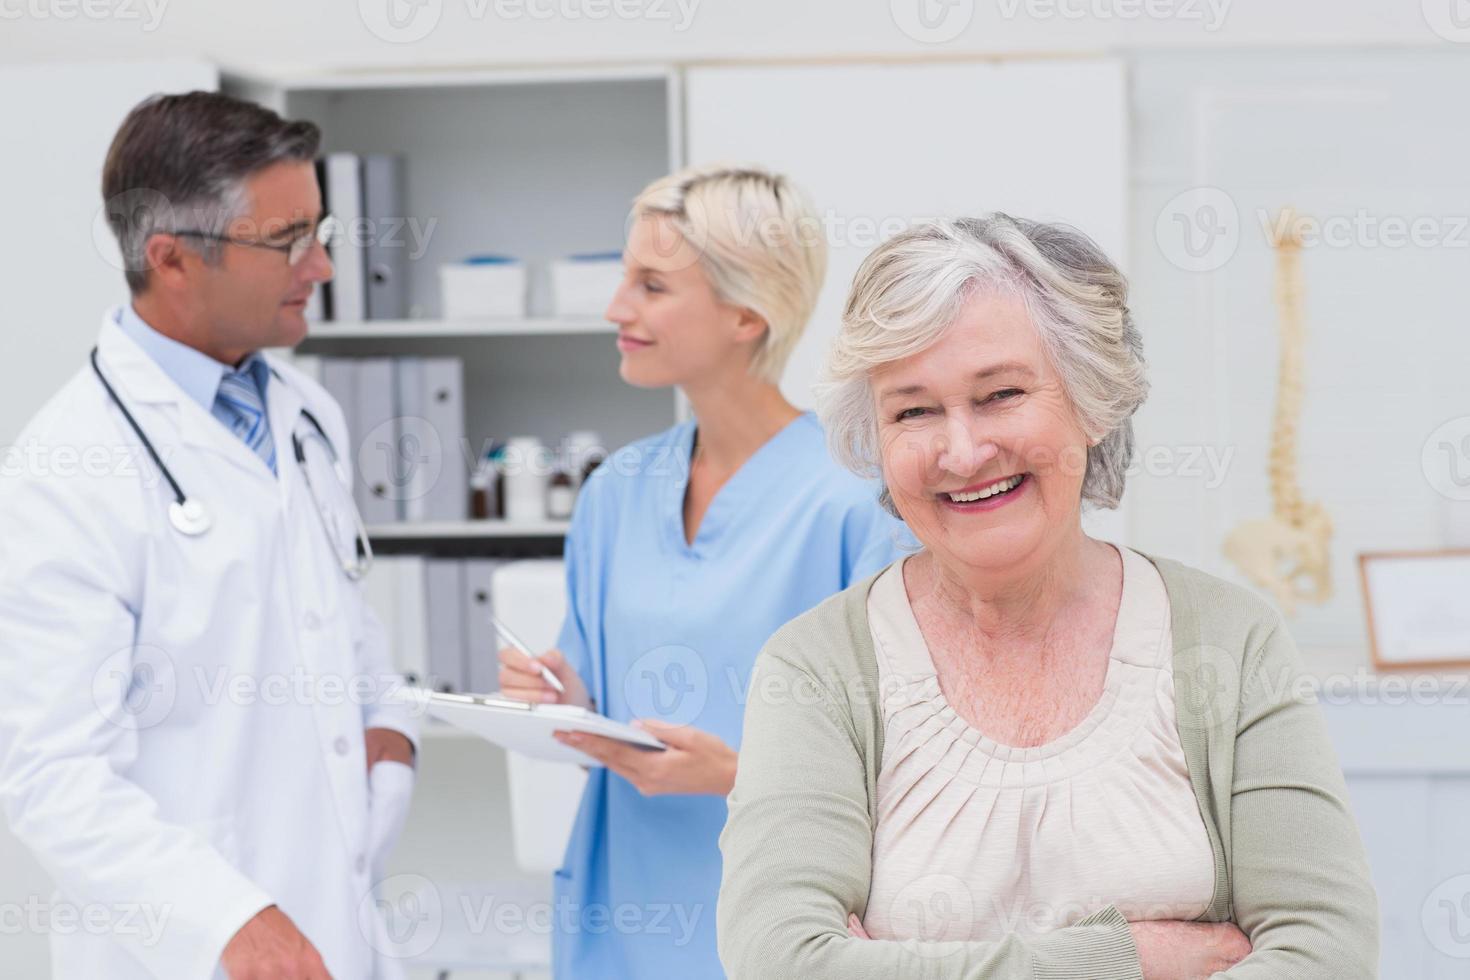 patient souriant tout en médecin et infirmière discutant en arrière-plan photo